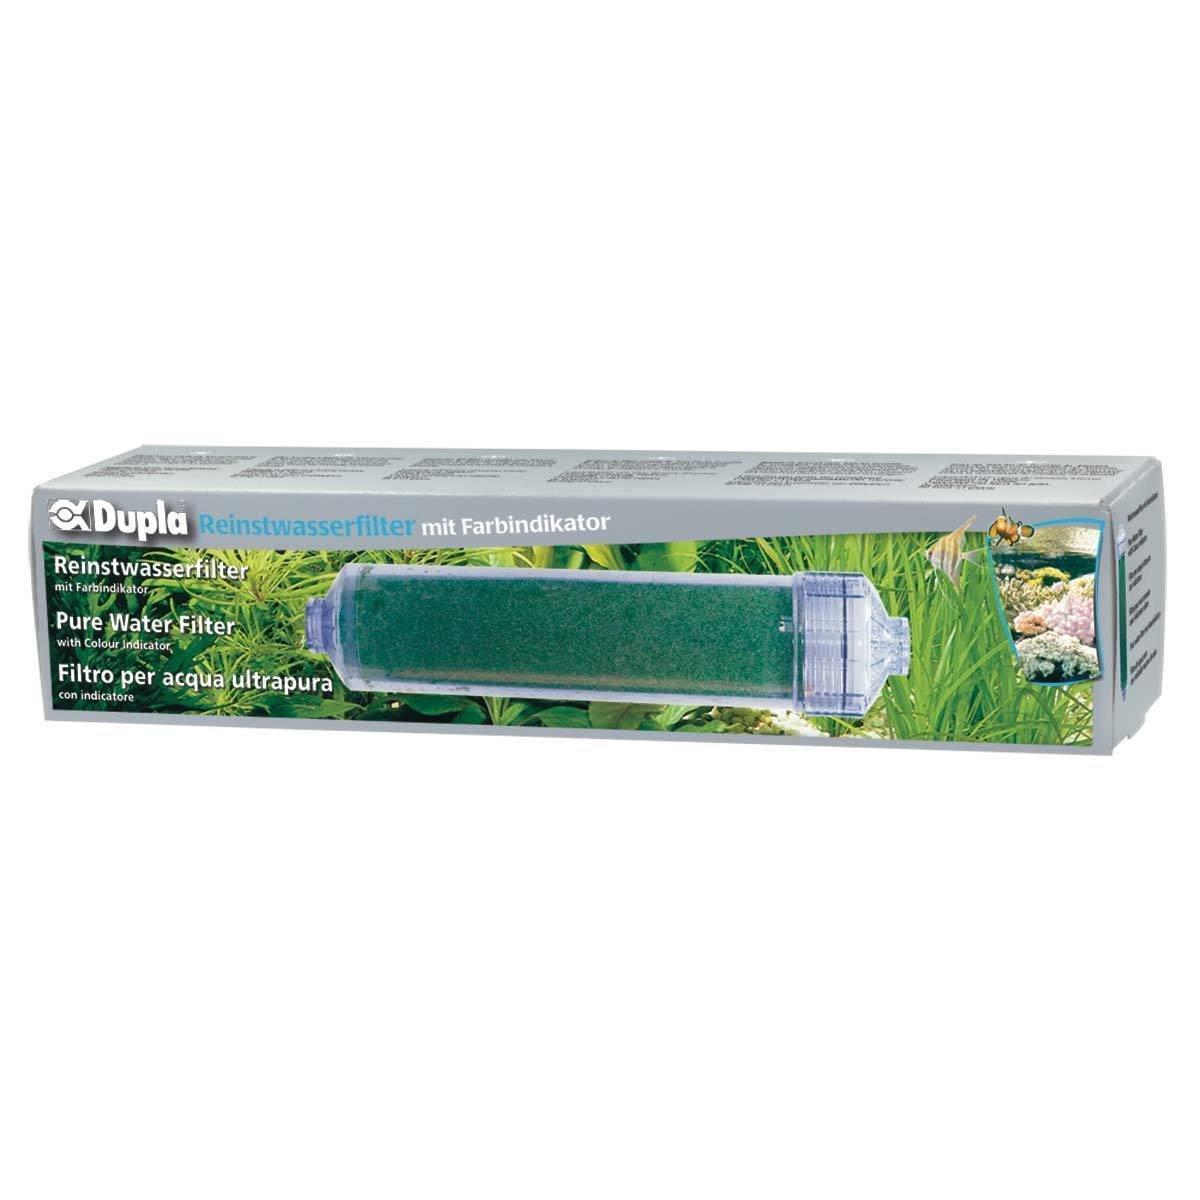 Dupla 80511 Reinstwasserfilter mit Farbindikator, Einheitsgröße Einheitsgröße